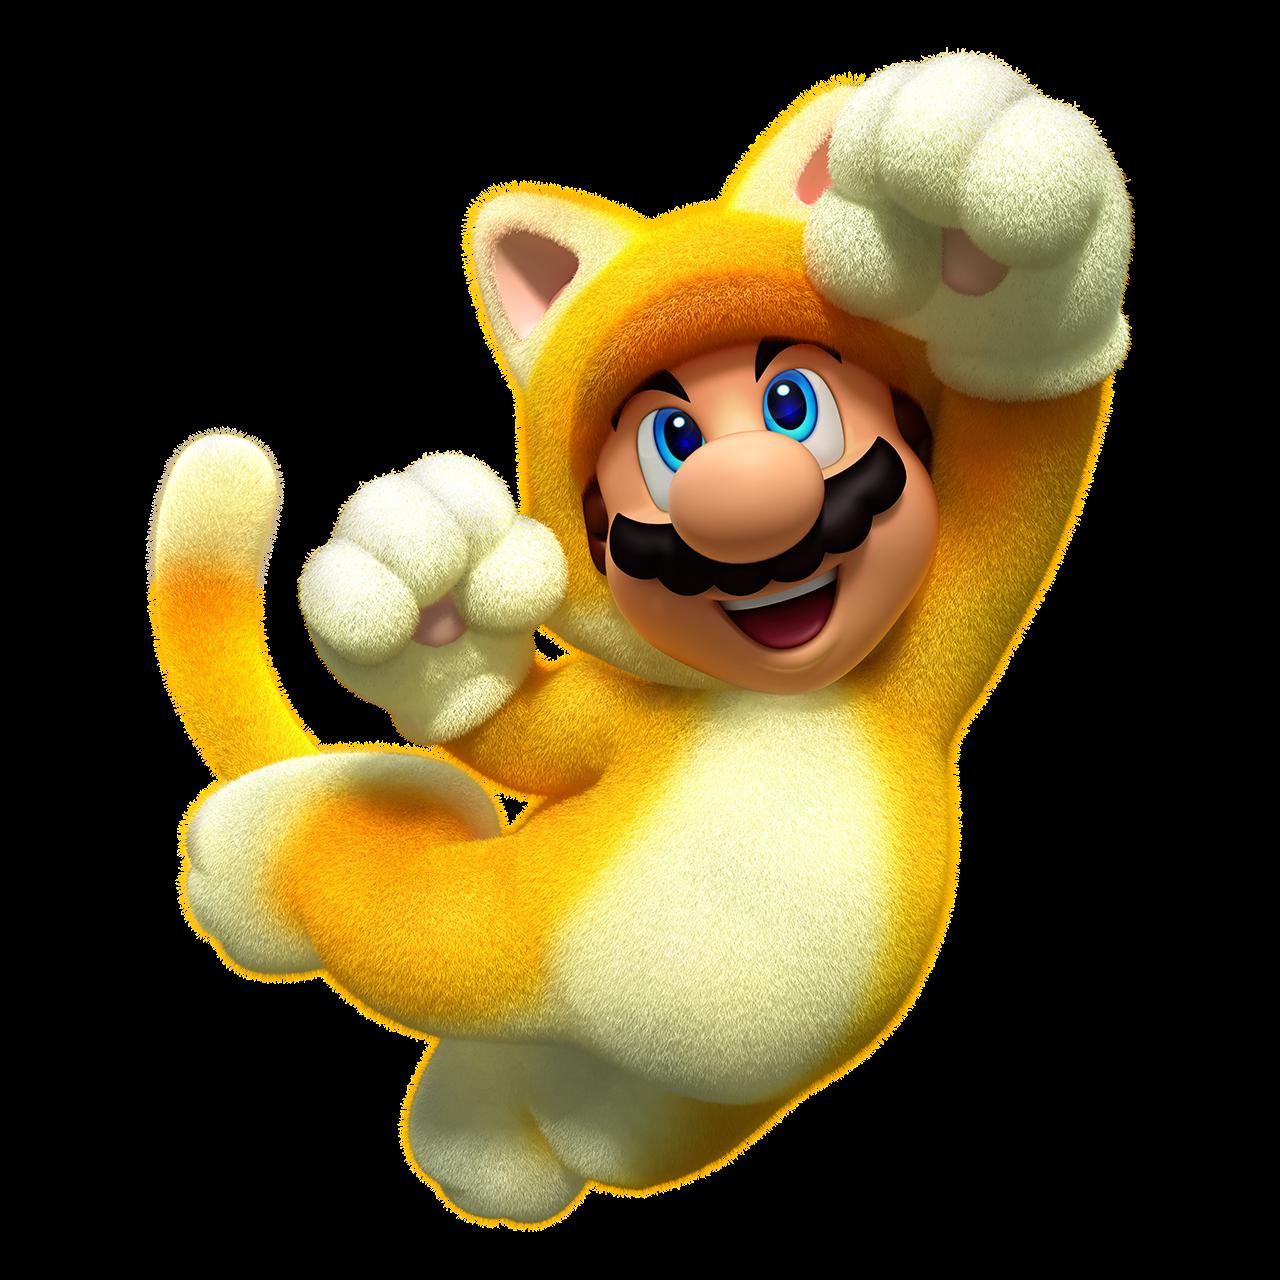 Jeux De Coloriage De Mario - Jeu Coloriage : Mario Jeux Jeux Jeux